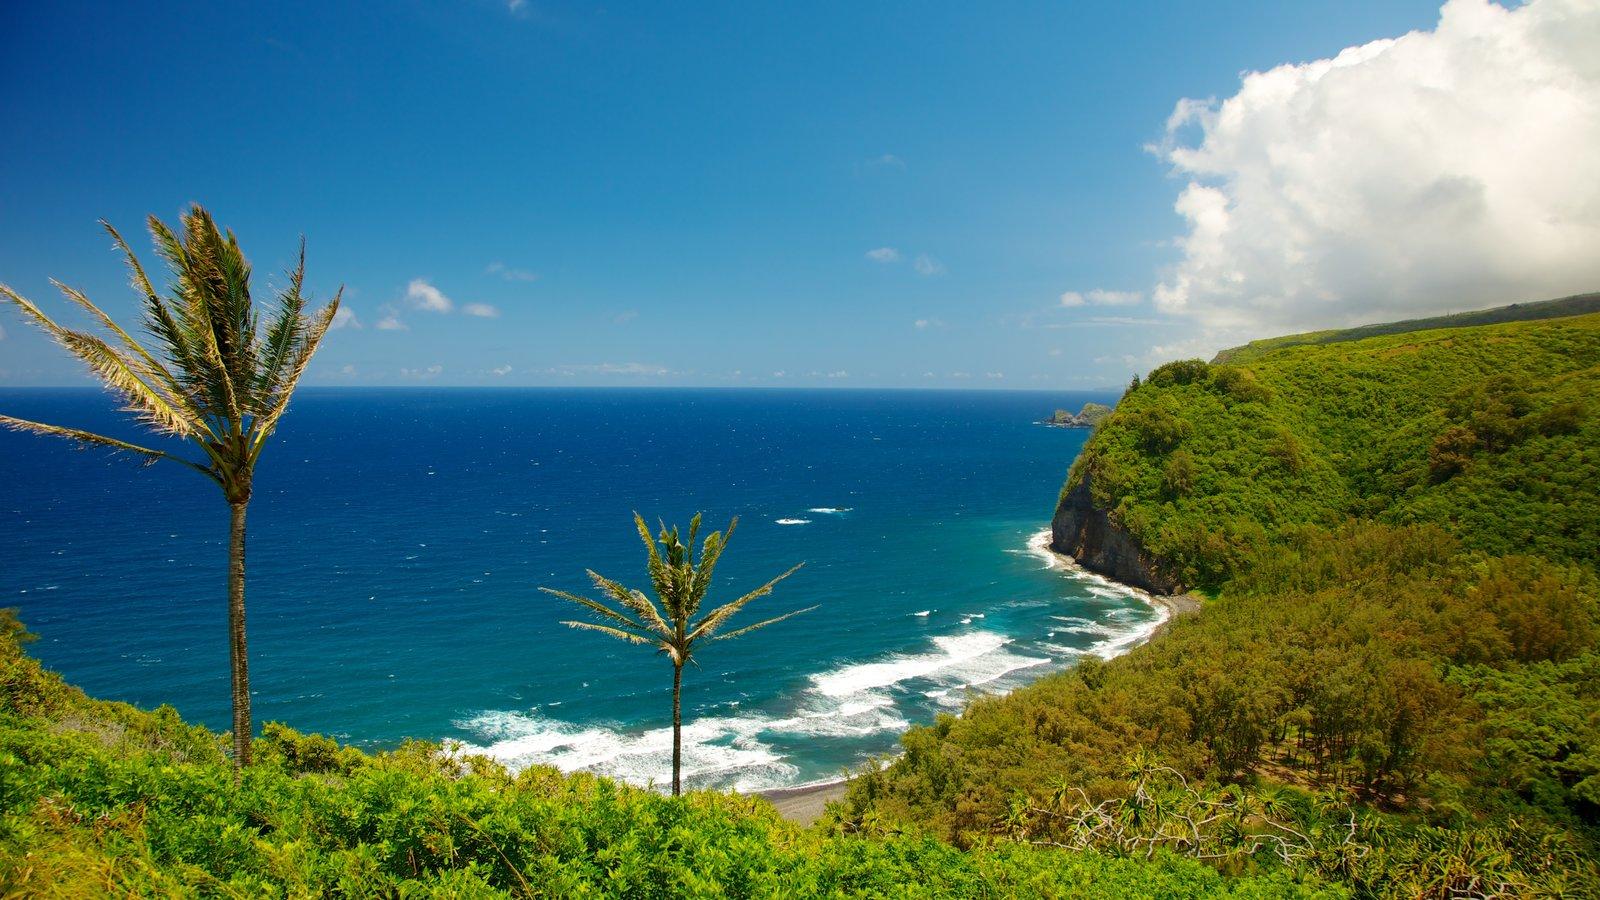 Panorámica de Pololu Valley ofreciendo escenas tropicales, vistas generales de la costa y vistas de paisajes